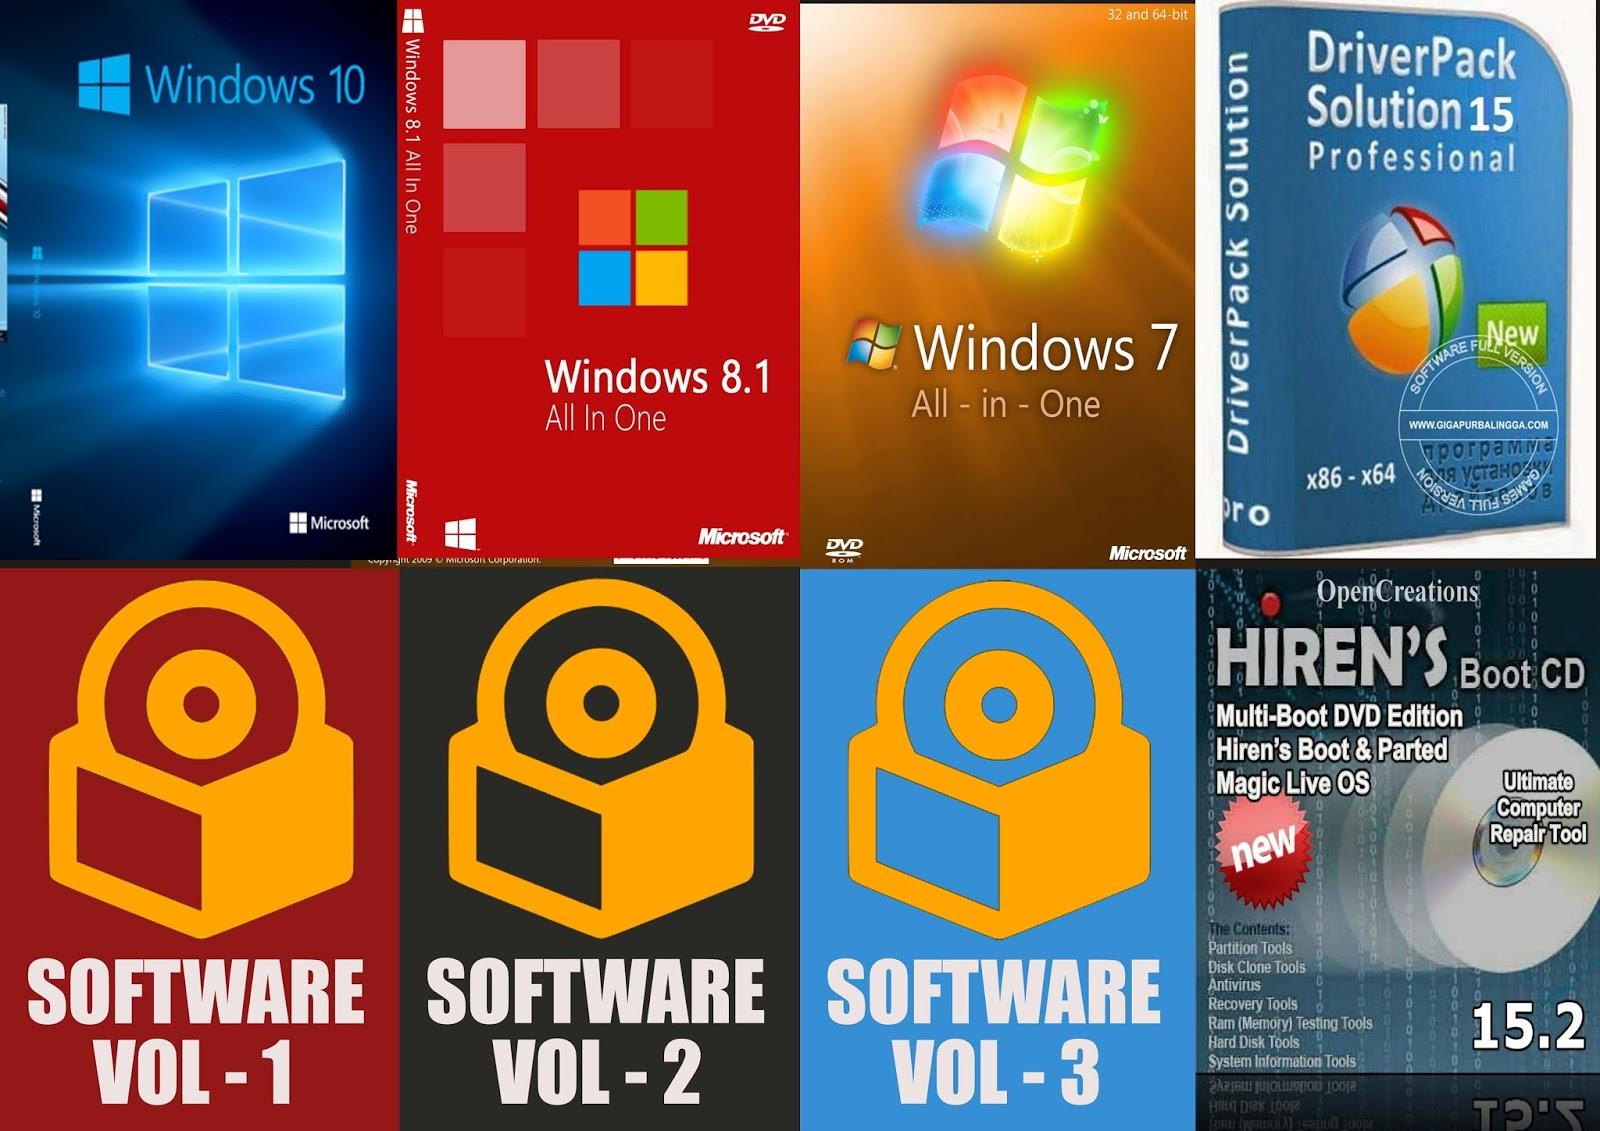 Terupdate Dan Terlengkap Jual Paket Install Ulang Dvd Windows 7 81 10 Pro Lisensi Semua Hanya Rp 90 Rb